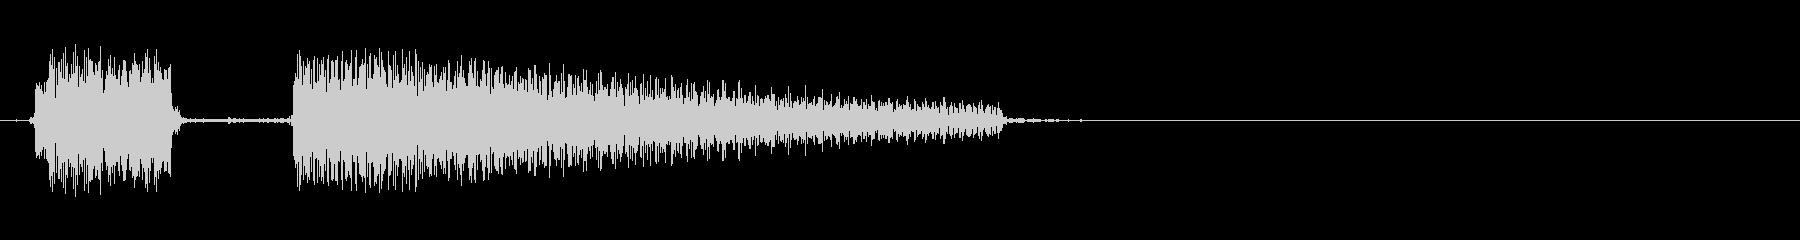 STEEL GUITAR:OH N...の未再生の波形